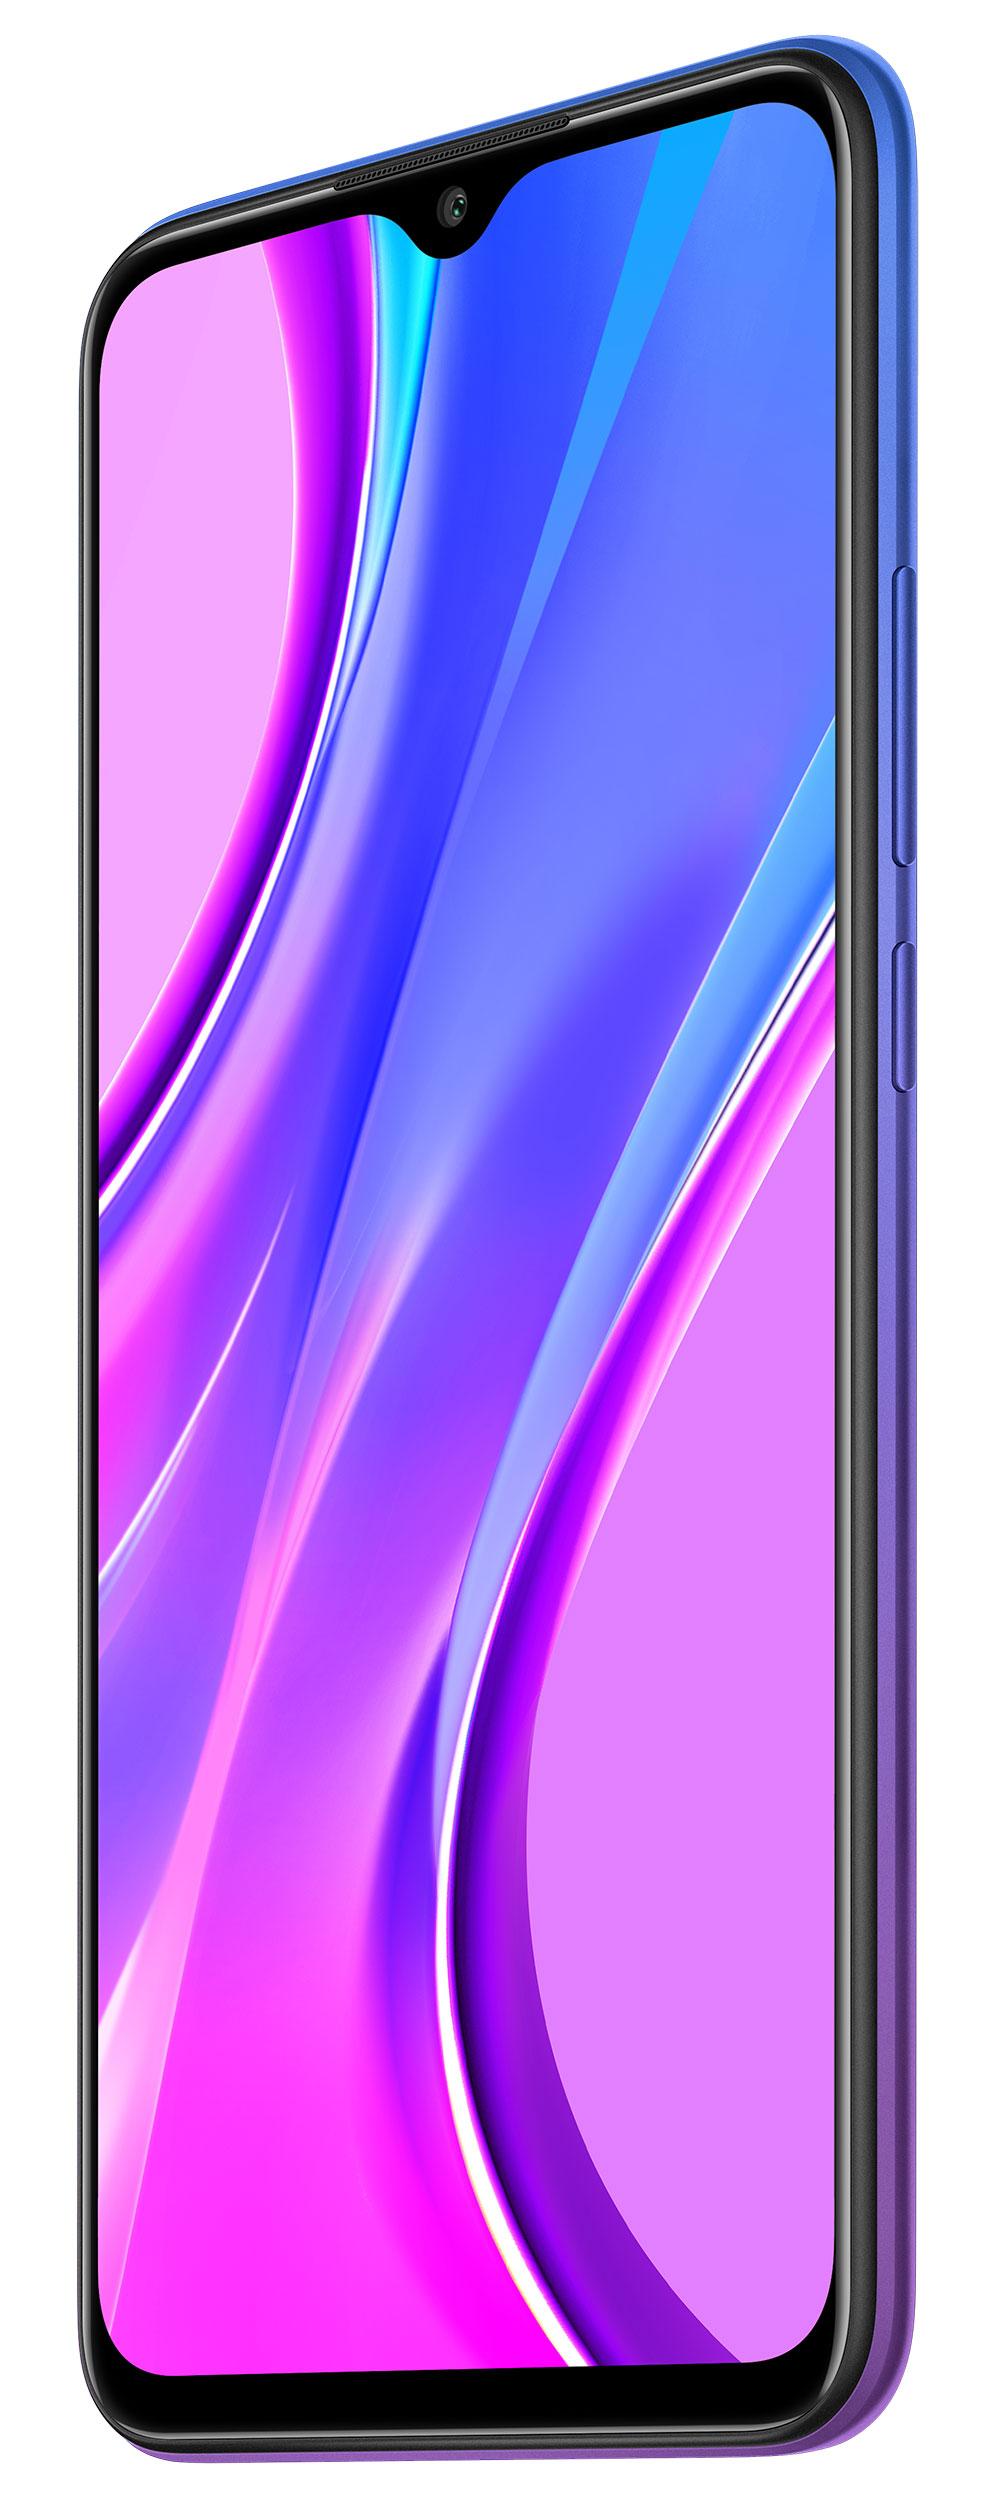 Redmi 9 okostelefon (Global) - 4+64GB, Naplemente lila